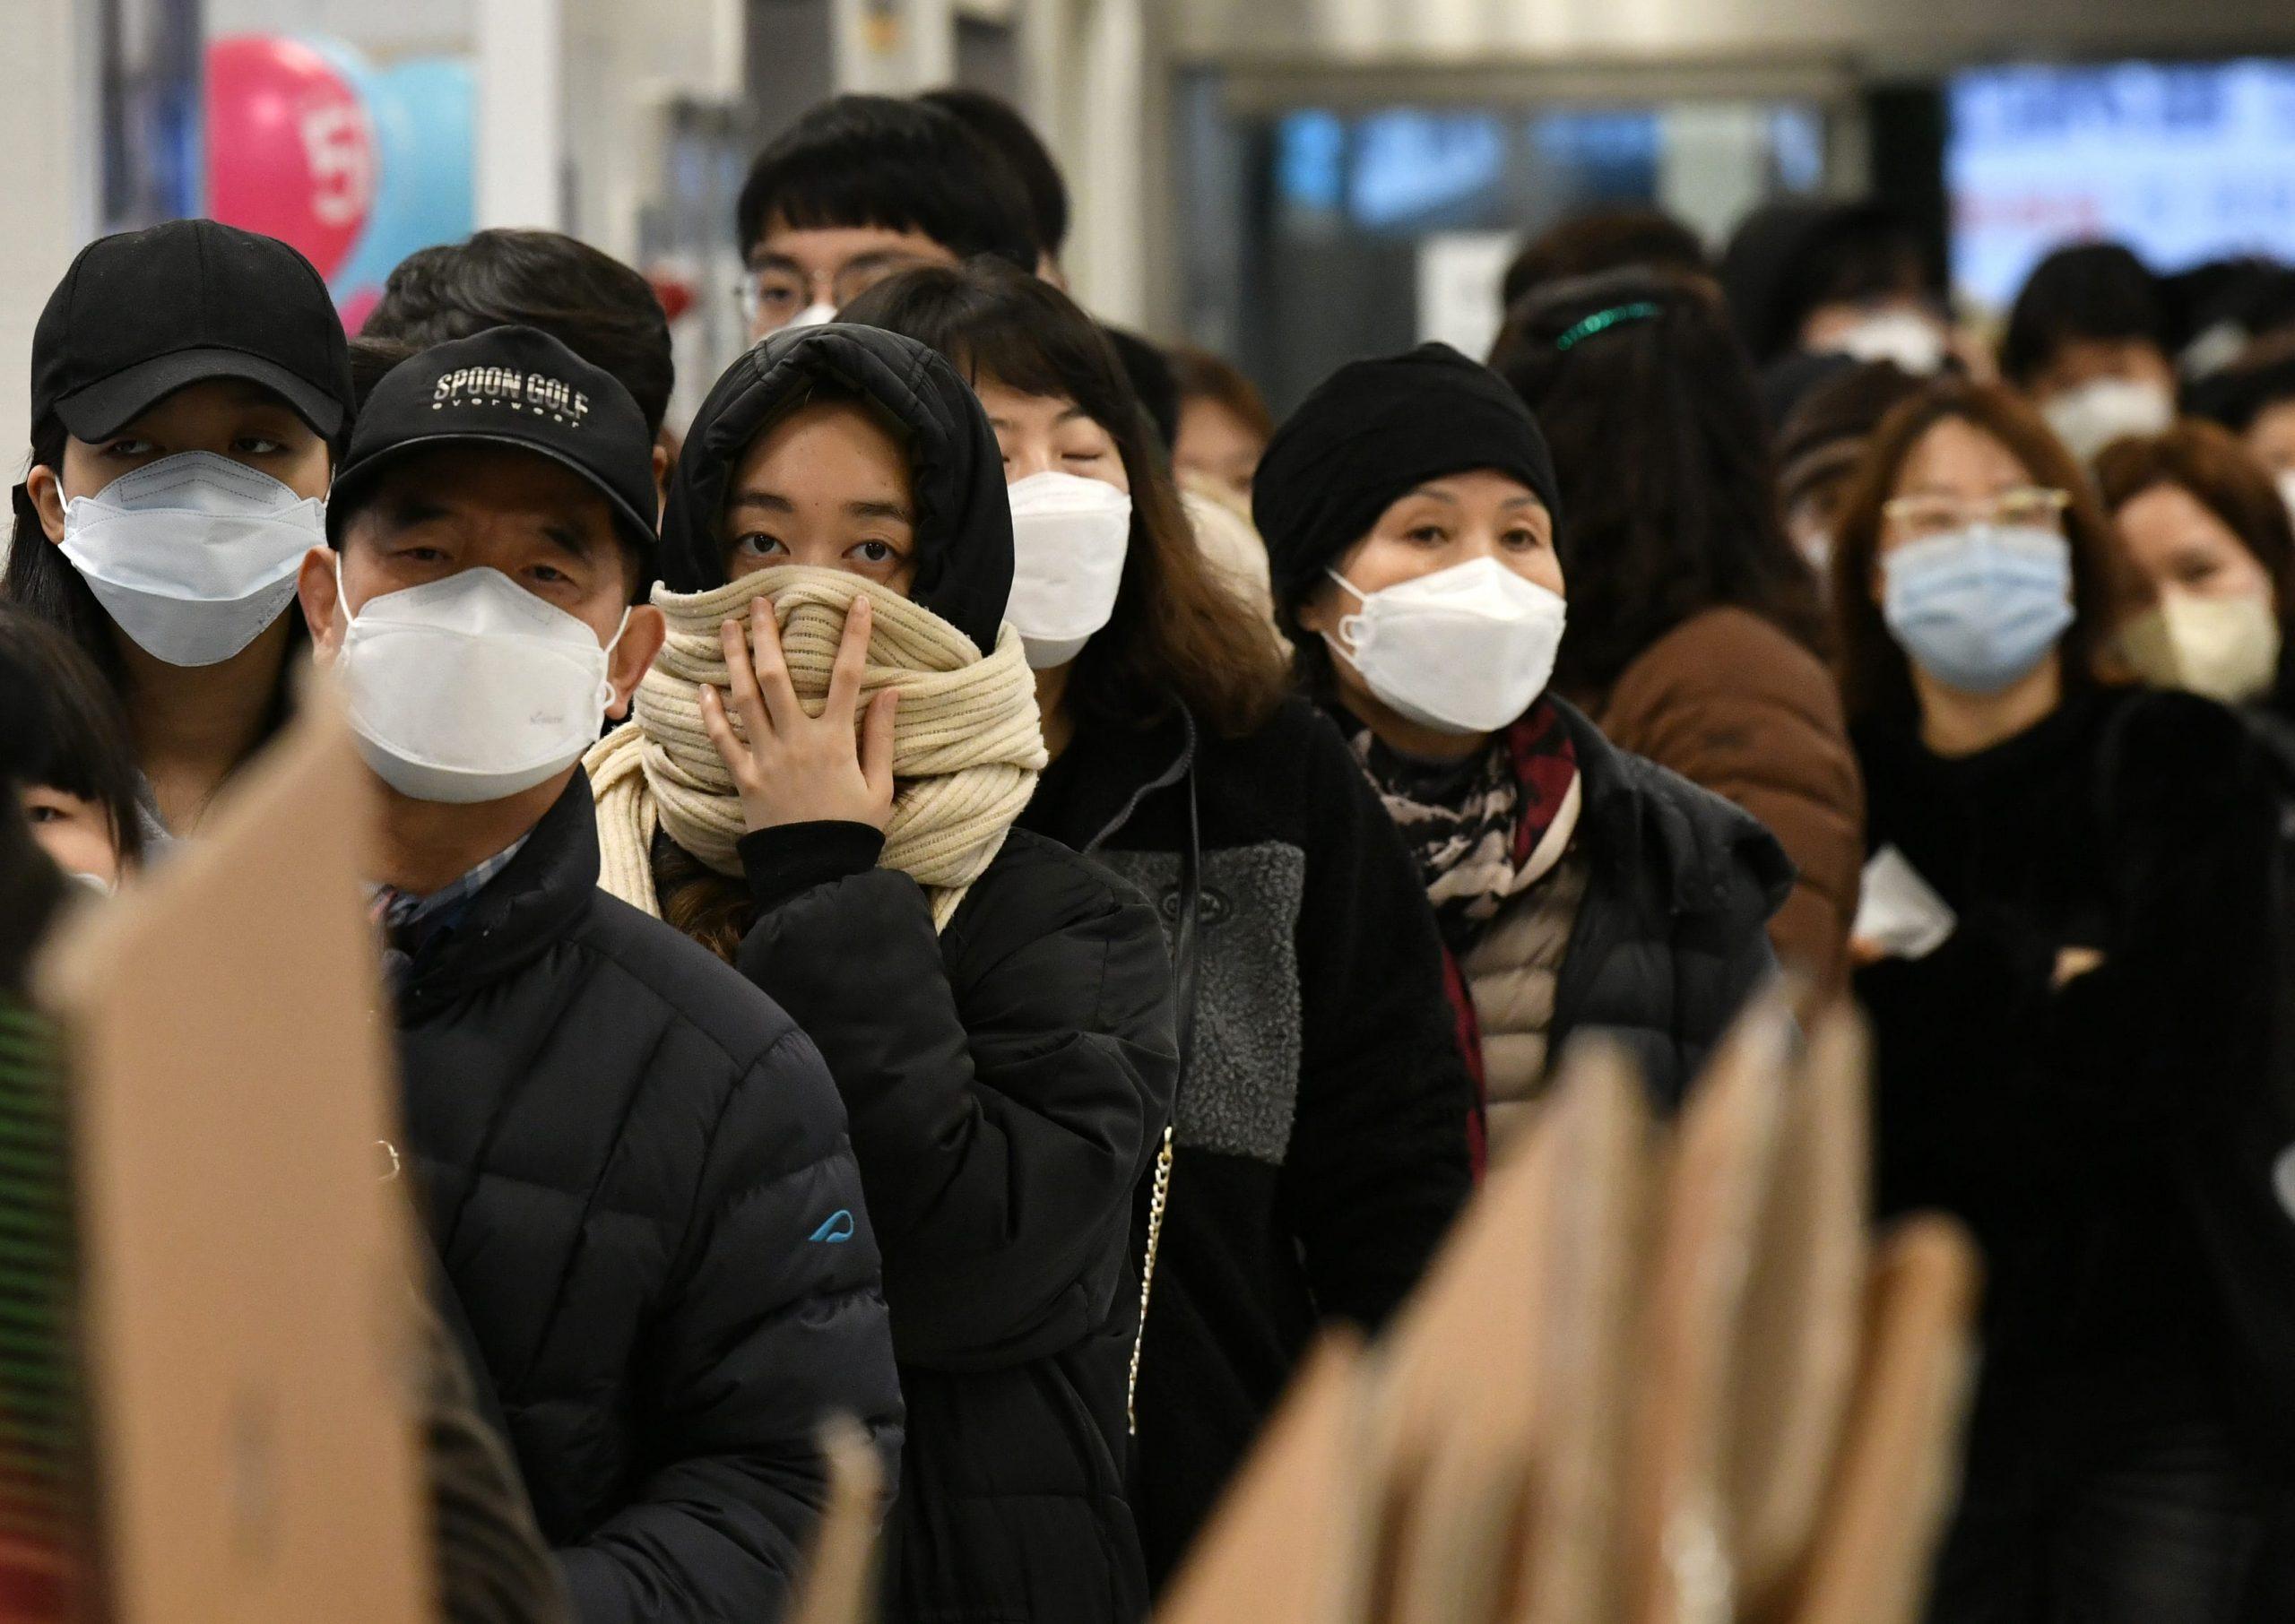 چین از افزایش موارد ابتلا به کرونا در این کشور خبر داد